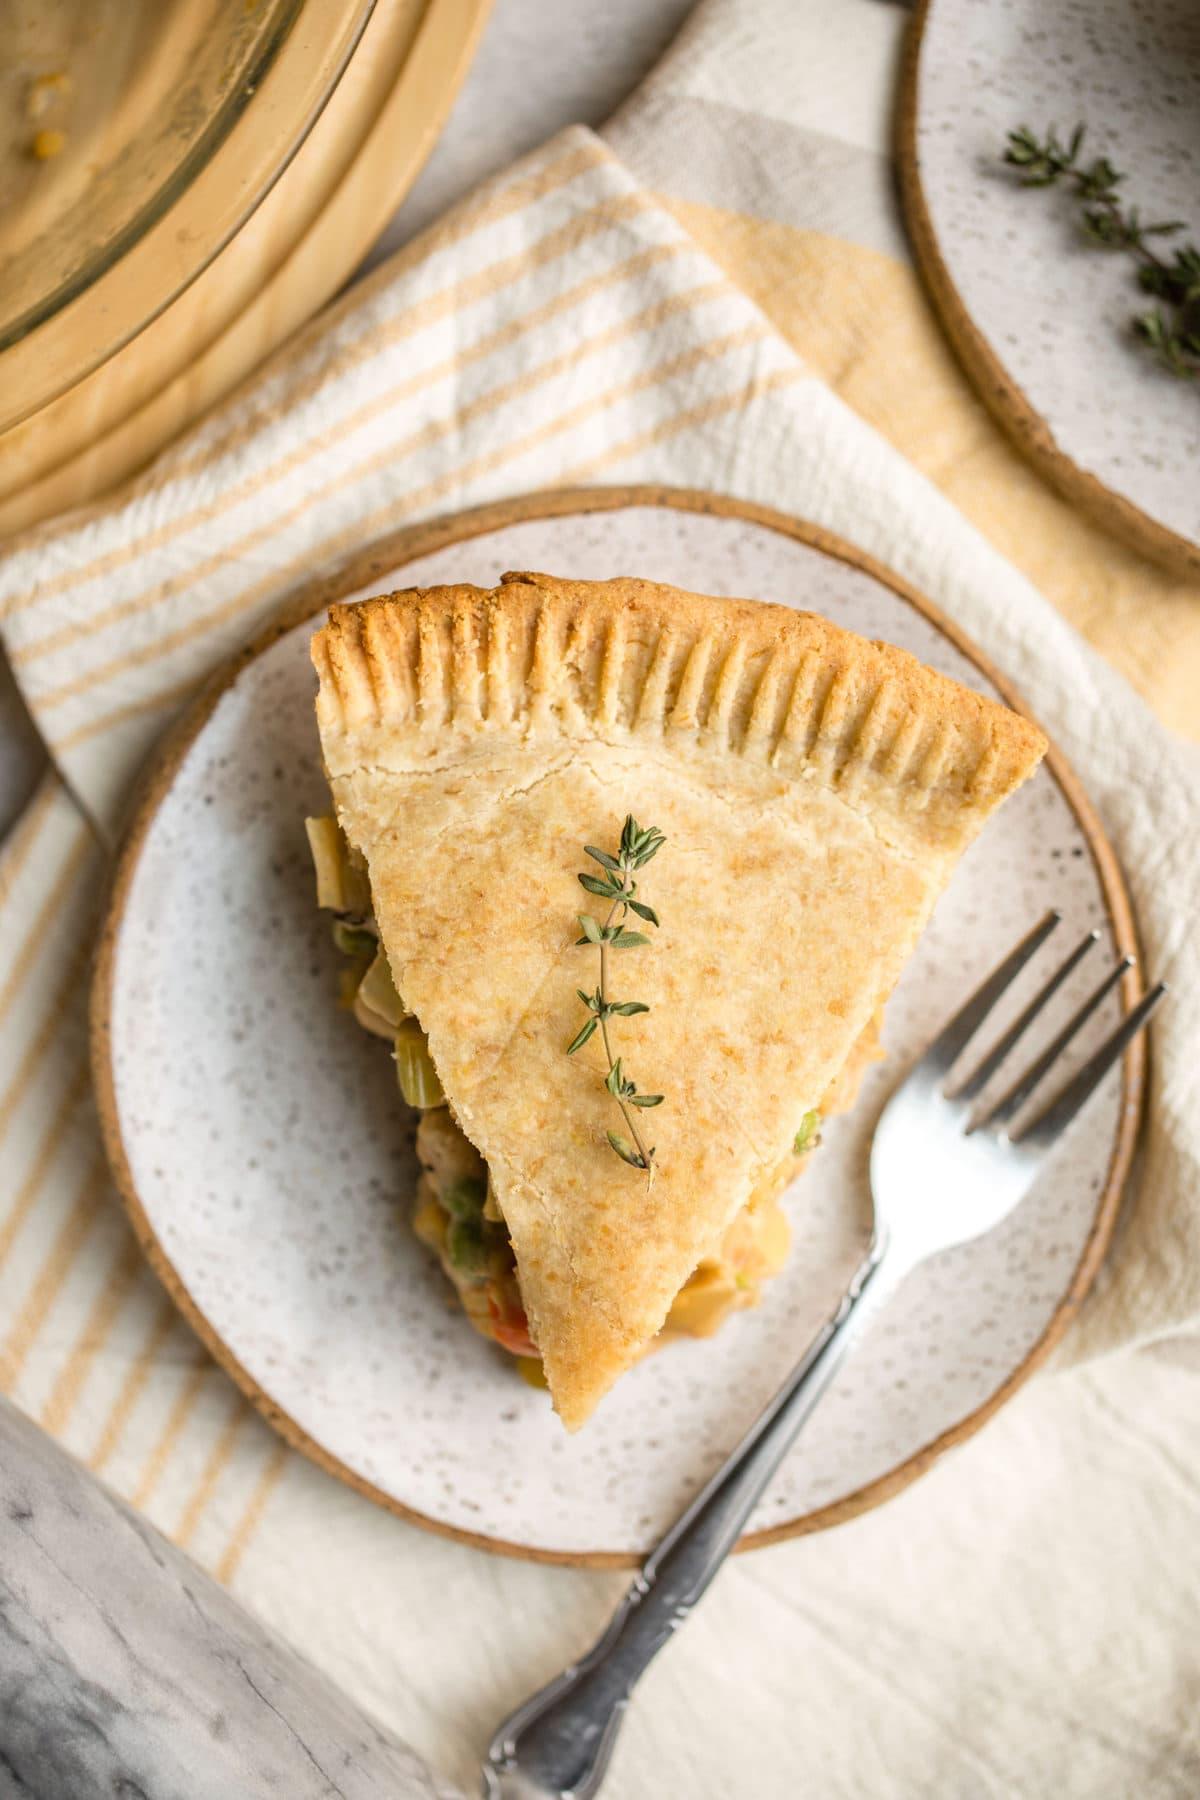 One slice of chickpea pot pie.